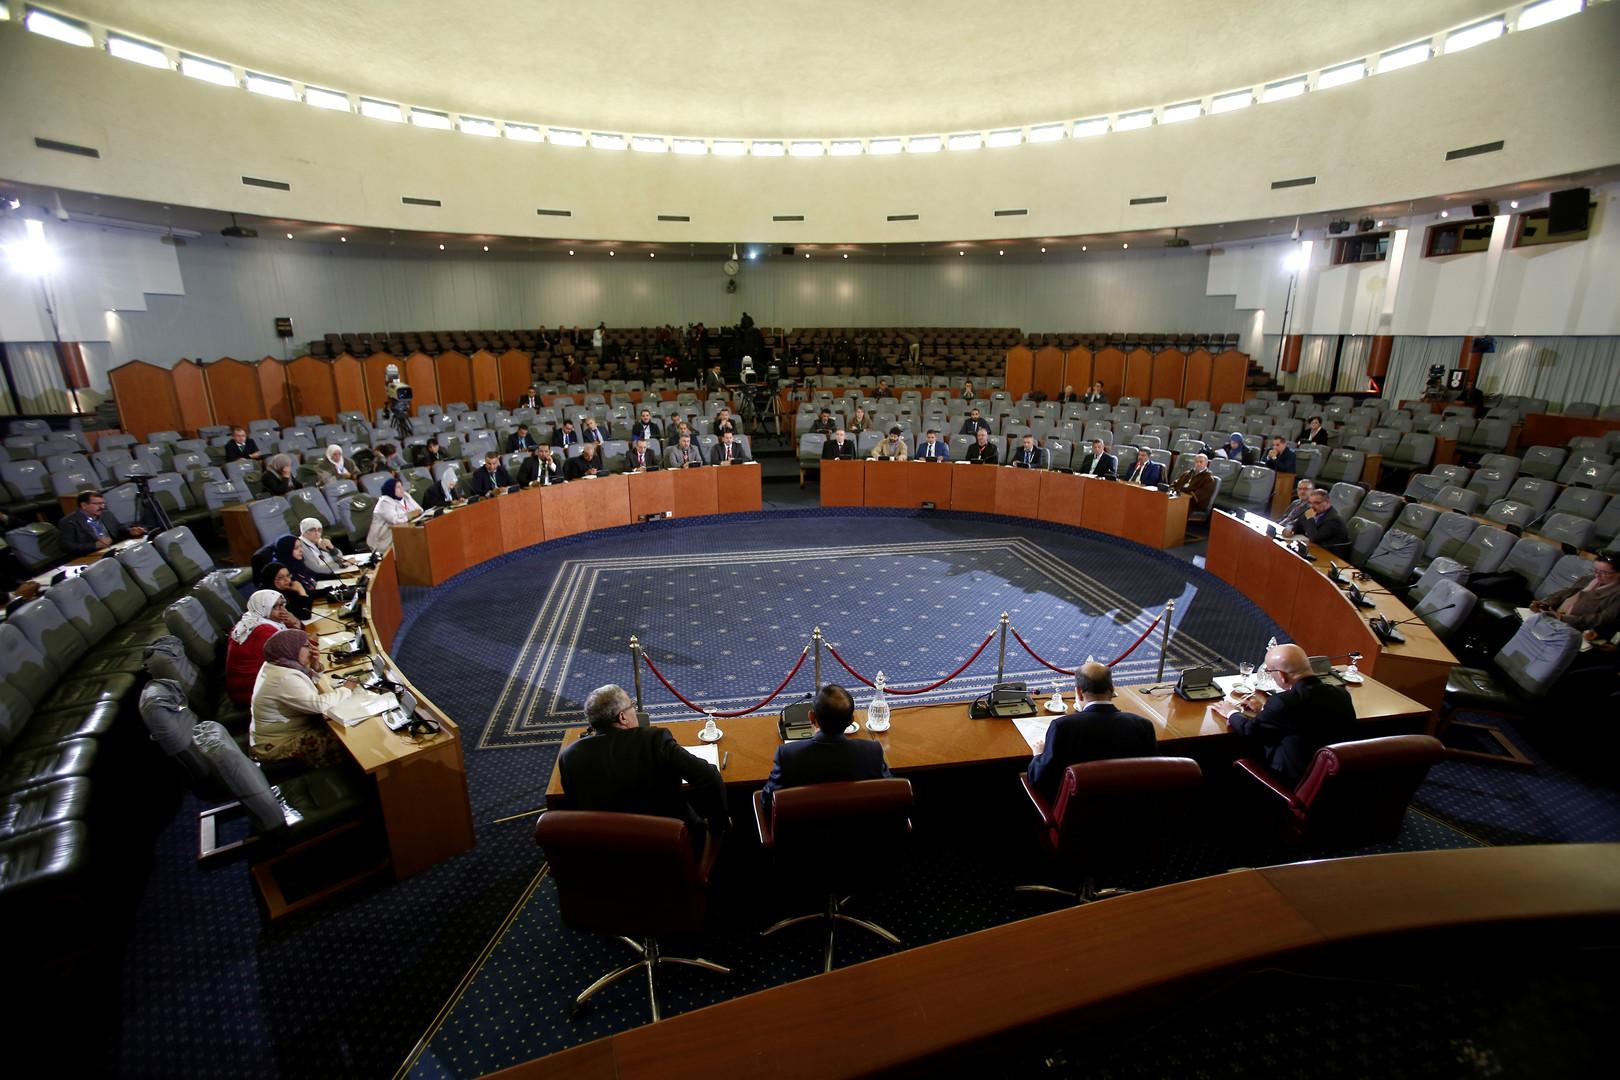 الجزائر تغلق باب الترشح لانتخابات الرئاسة لعدم وجود مرشحين